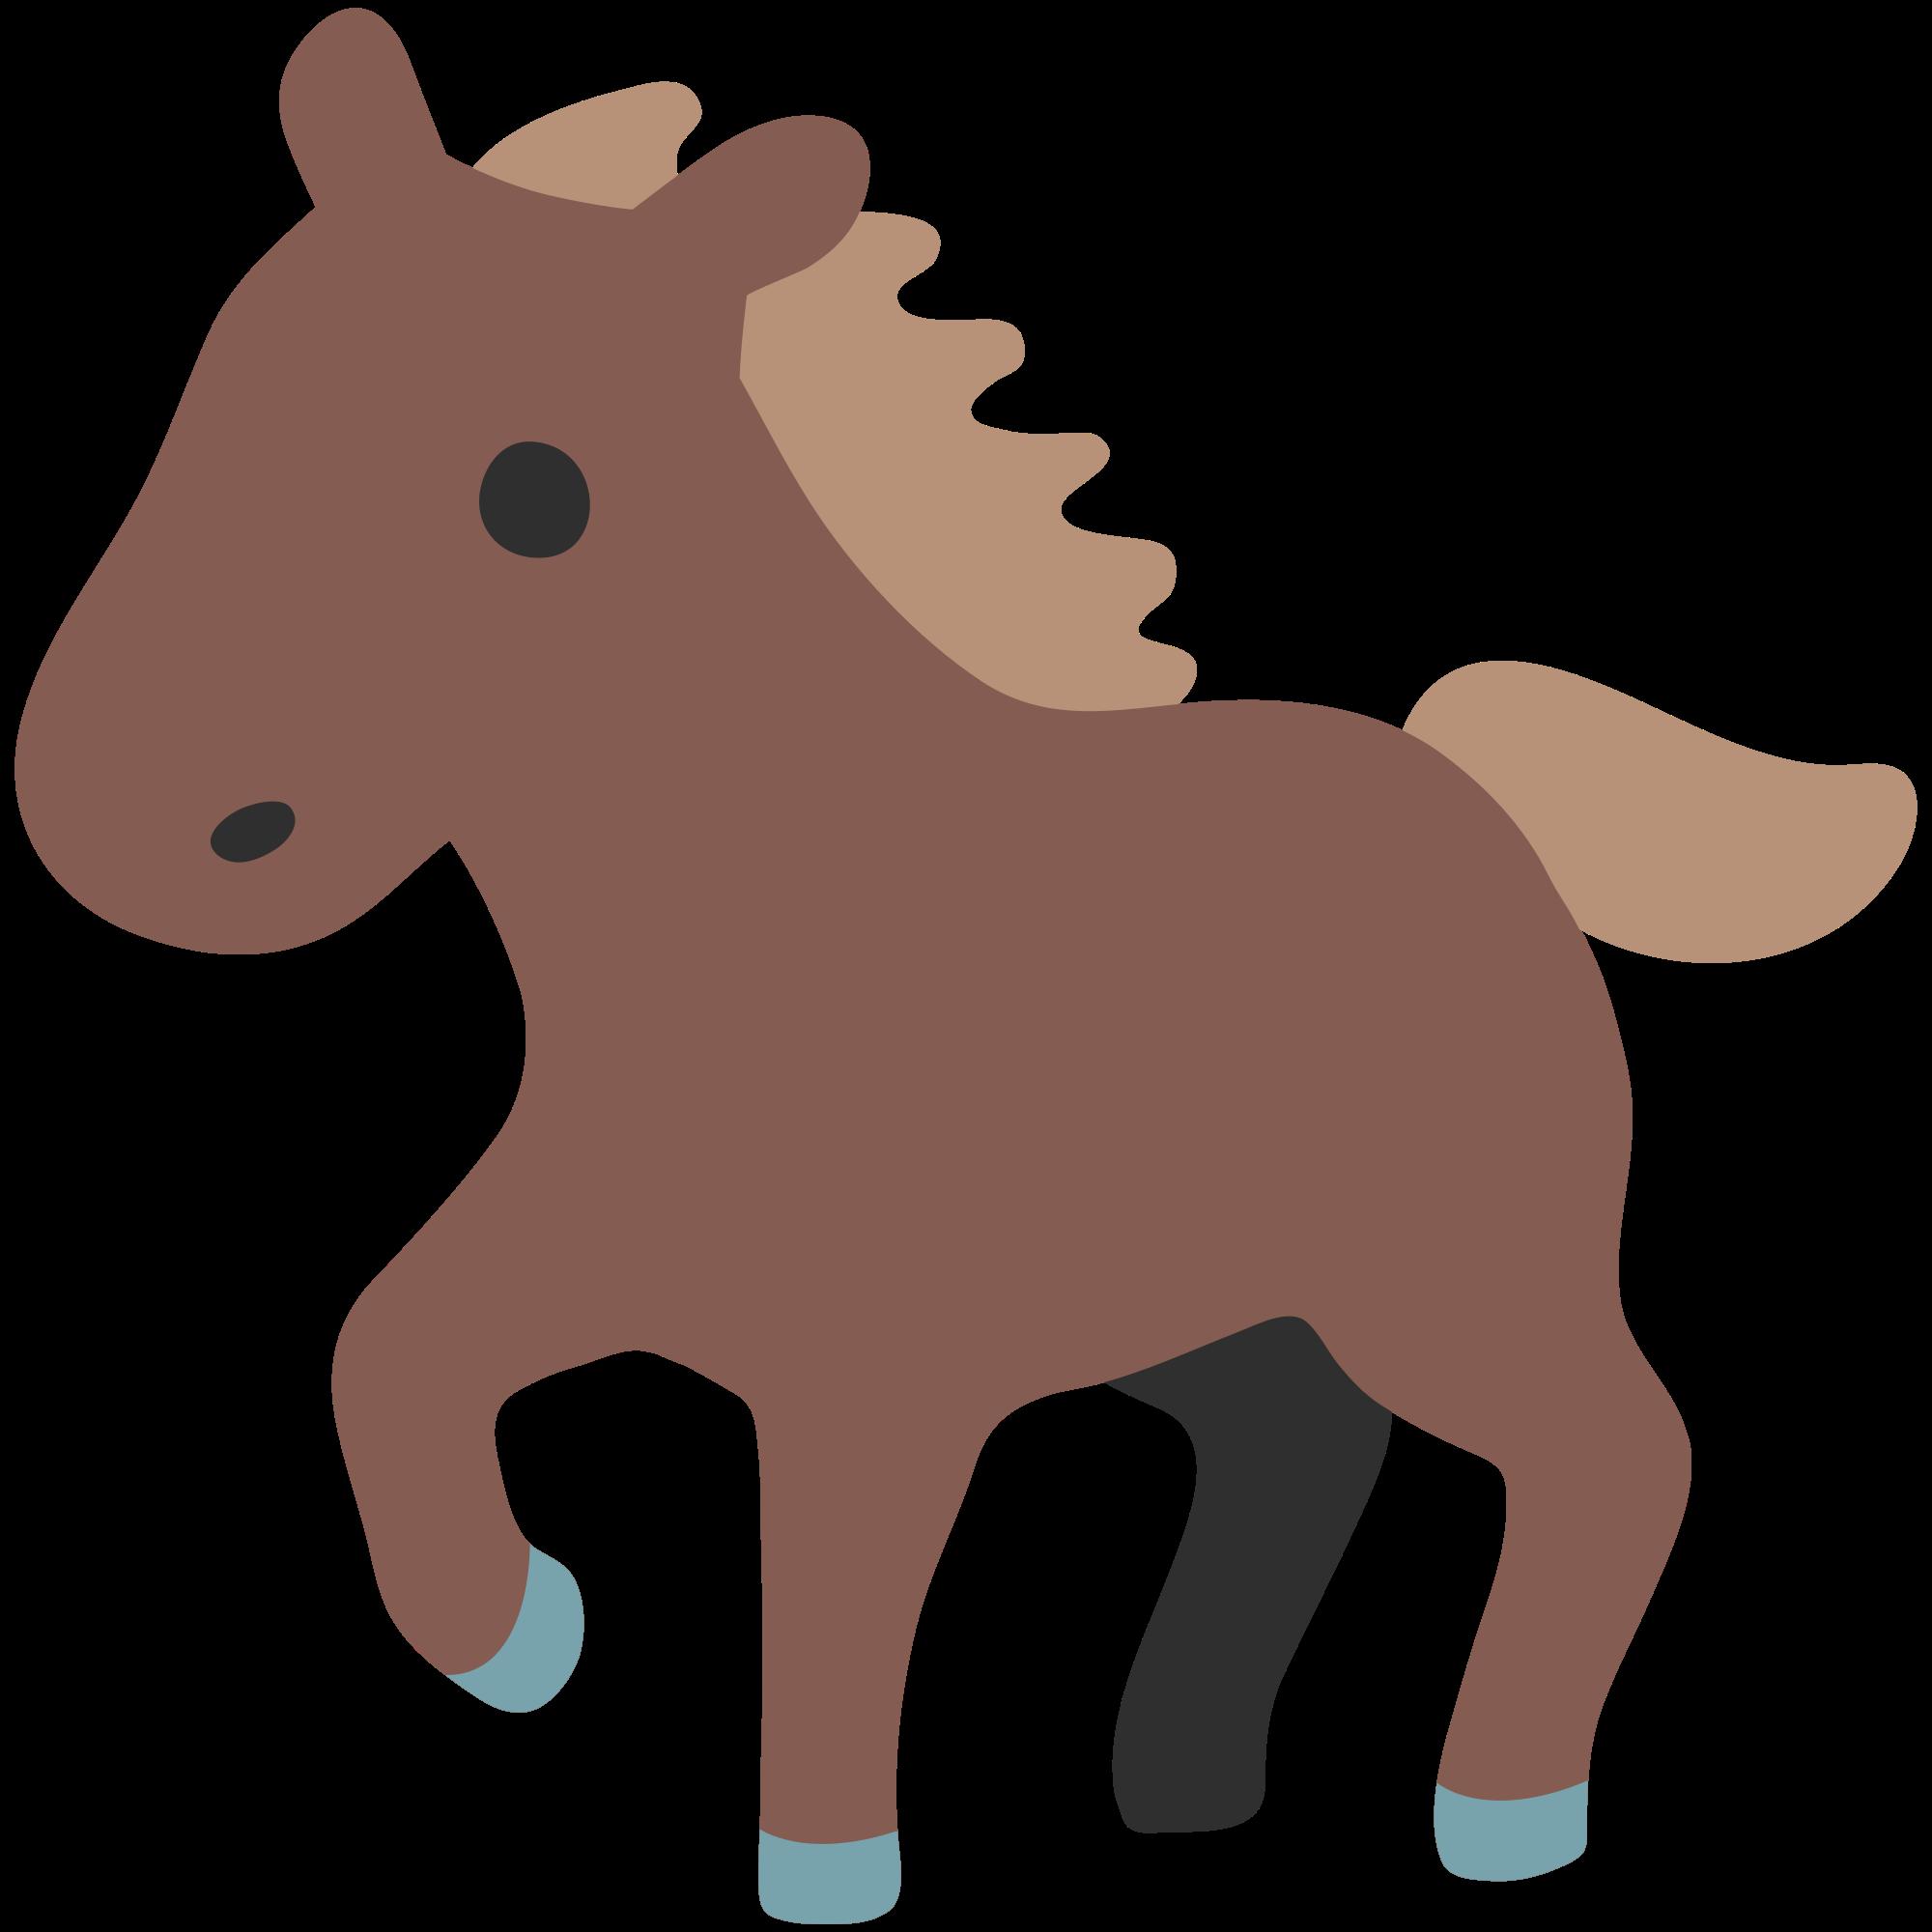 File u f e. Emoji clipart horse